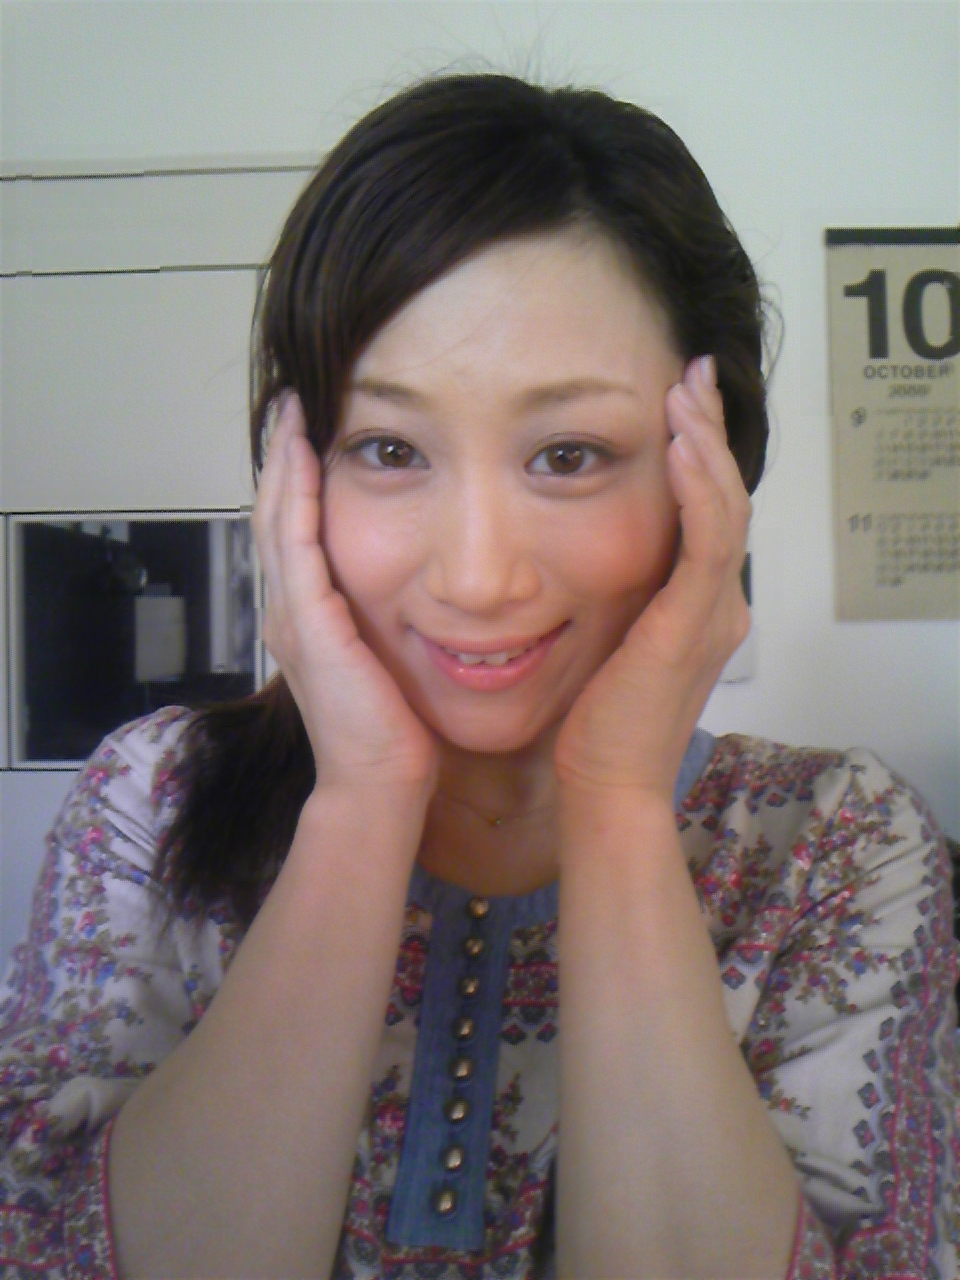 pimpandhost nude lmc-001 碧きReona:Reona Satomi Ktzhk   Kumpulan Berbagai Gambar Memek   GMO